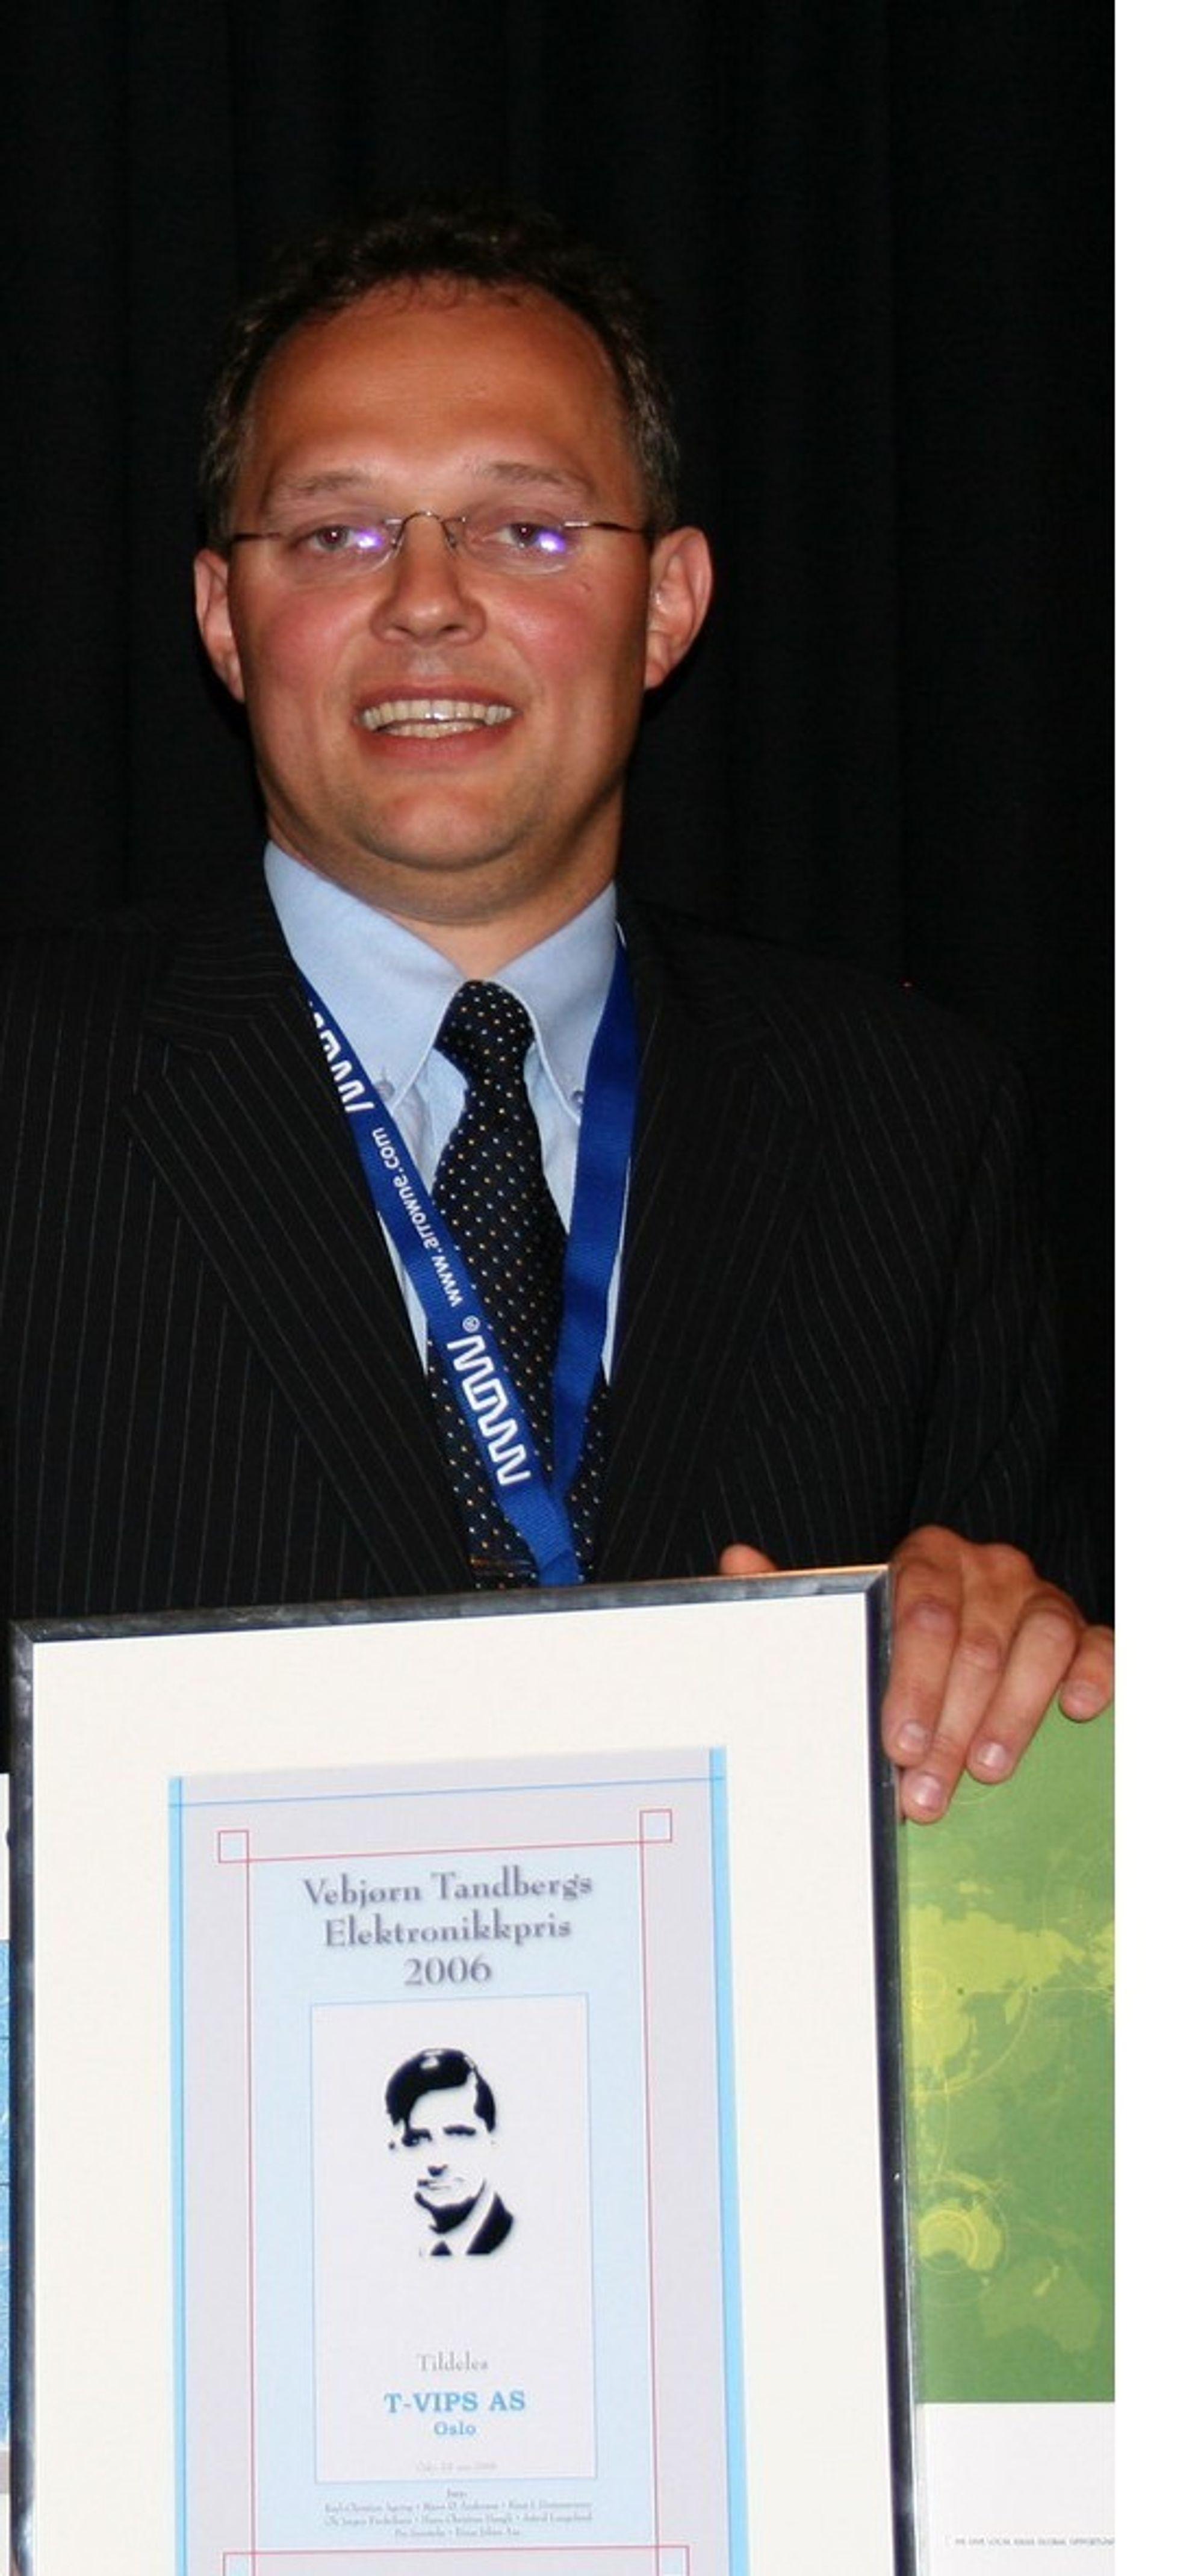 Administrerende direktør Johnny Dolvik tok i 2006 i mot Vebjørn Tandbergs Elektronikkpris på vegne av T-Vips AS. Nå i 2007 kjemper de om European ICT Grand Prize.